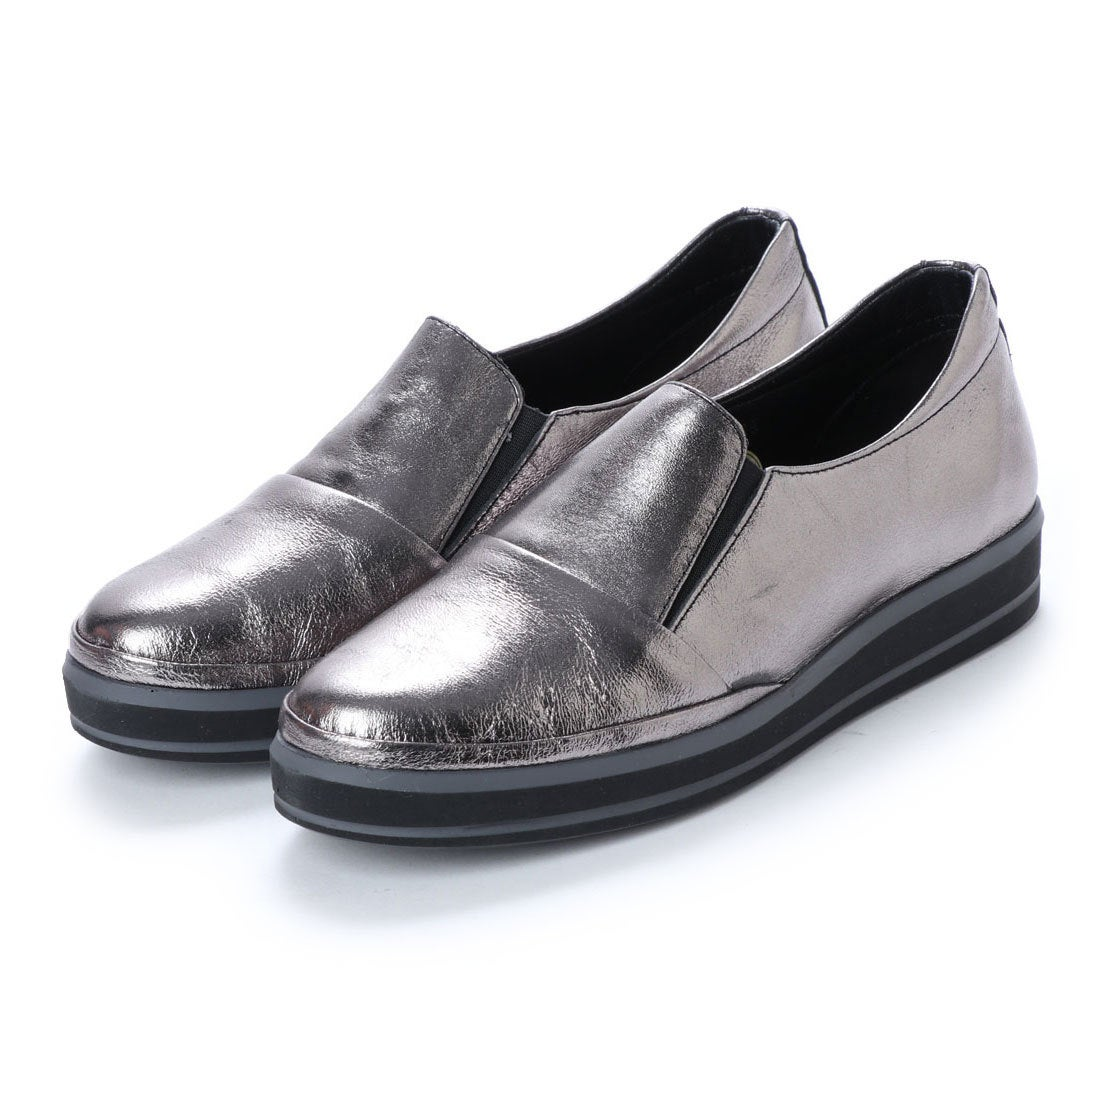 37d139bfc23d5 ヨースケ YOSUKE 本革スニーカー (シルバー) -靴&ファッション通販 ロコンド〜自宅で試着、気軽に返品